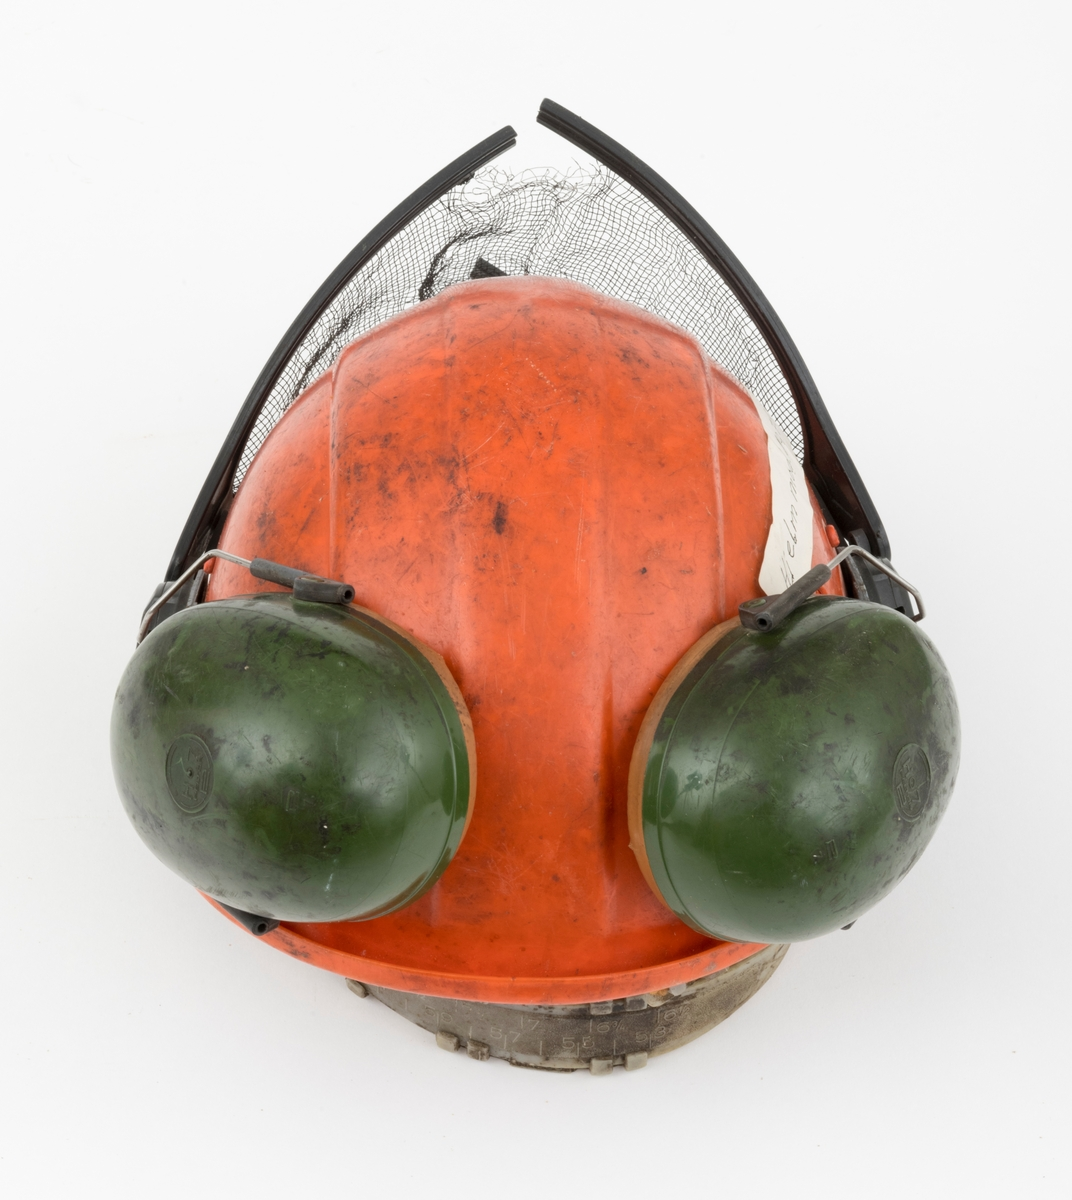 """Hjelm, vernehjelm, hoggerhjelm, skogshjelm, for bruk under skogsarbeid. Hjelmen er støpt i hardplast. Den er utsyrt med visir og hørselvern (øreklokker). Det er en sprekkdannelsen på hjelmens venstre side. Visirets netting og plastramma som visiret er festet til har røket på flere steder. Innvendig er er hjelmen ustyrt med regulerbare plastbånd som kan tilpasses den enkelts hode. Deler av plastbåndet er overtrukket med skinn, svettereim, og i framkant mot panna er det festet skomgummi til plastbåndet. (Det er lær på plastbåndets bakside mot brukerens panne og skomgummi i framkant mot hjemens plastskall.) Den nevnte skomgummien er i ferd med å smuldre opp. Plastbåndet er festet 6 steder i hjelmen. Hjelmen har vridbare klaffer, en på hver side, som kan dekke til eller åpne 2 luftehull. Visir og hørselvern er festet i samme """"plastbrakett"""". Hørselvernene er regulerebare og kan svinges opp på hjelmen med en enkel håndbevegelse. (Hørselvern og visir kan for registrator se ut til å være av noe nyere dato enn selve hjelmen, men det er ikke bekreftet. ) Hørselvernene har for øvrig skomgummpolstring som ligger an mot brukerens ører."""